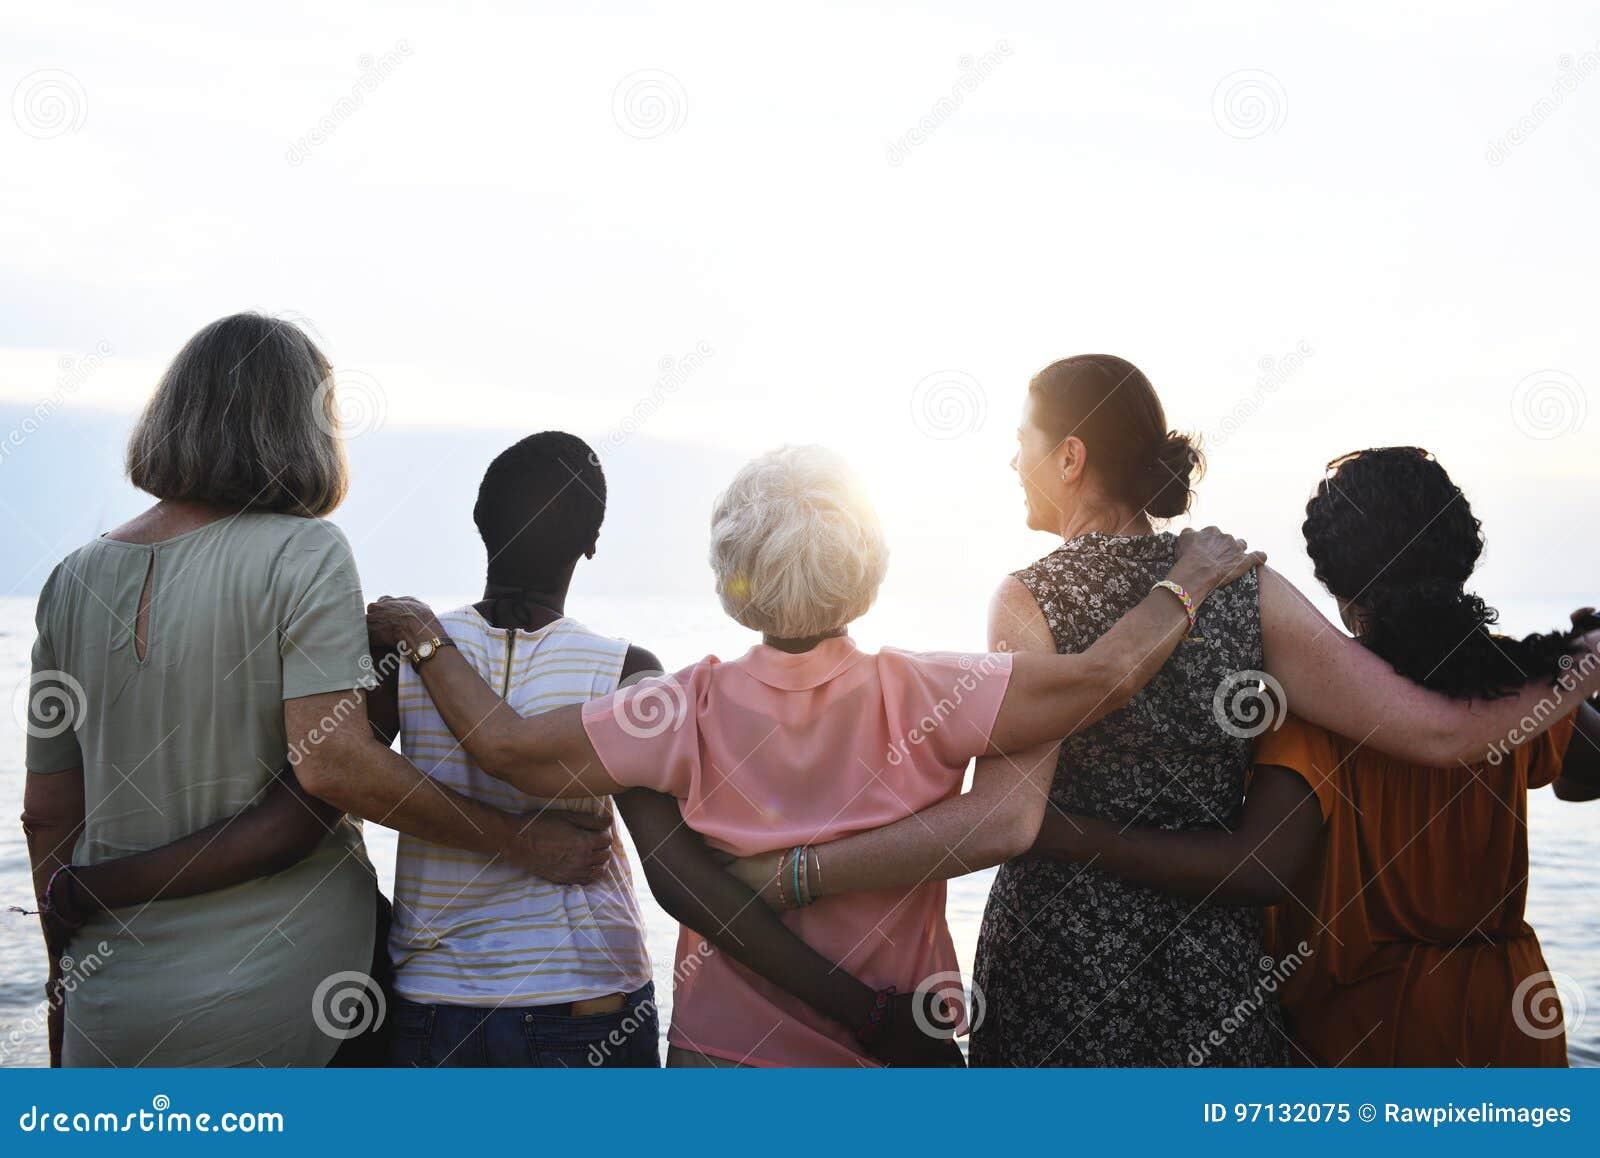 Retrovisione di diverse donne senior che stanno insieme alla spiaggia